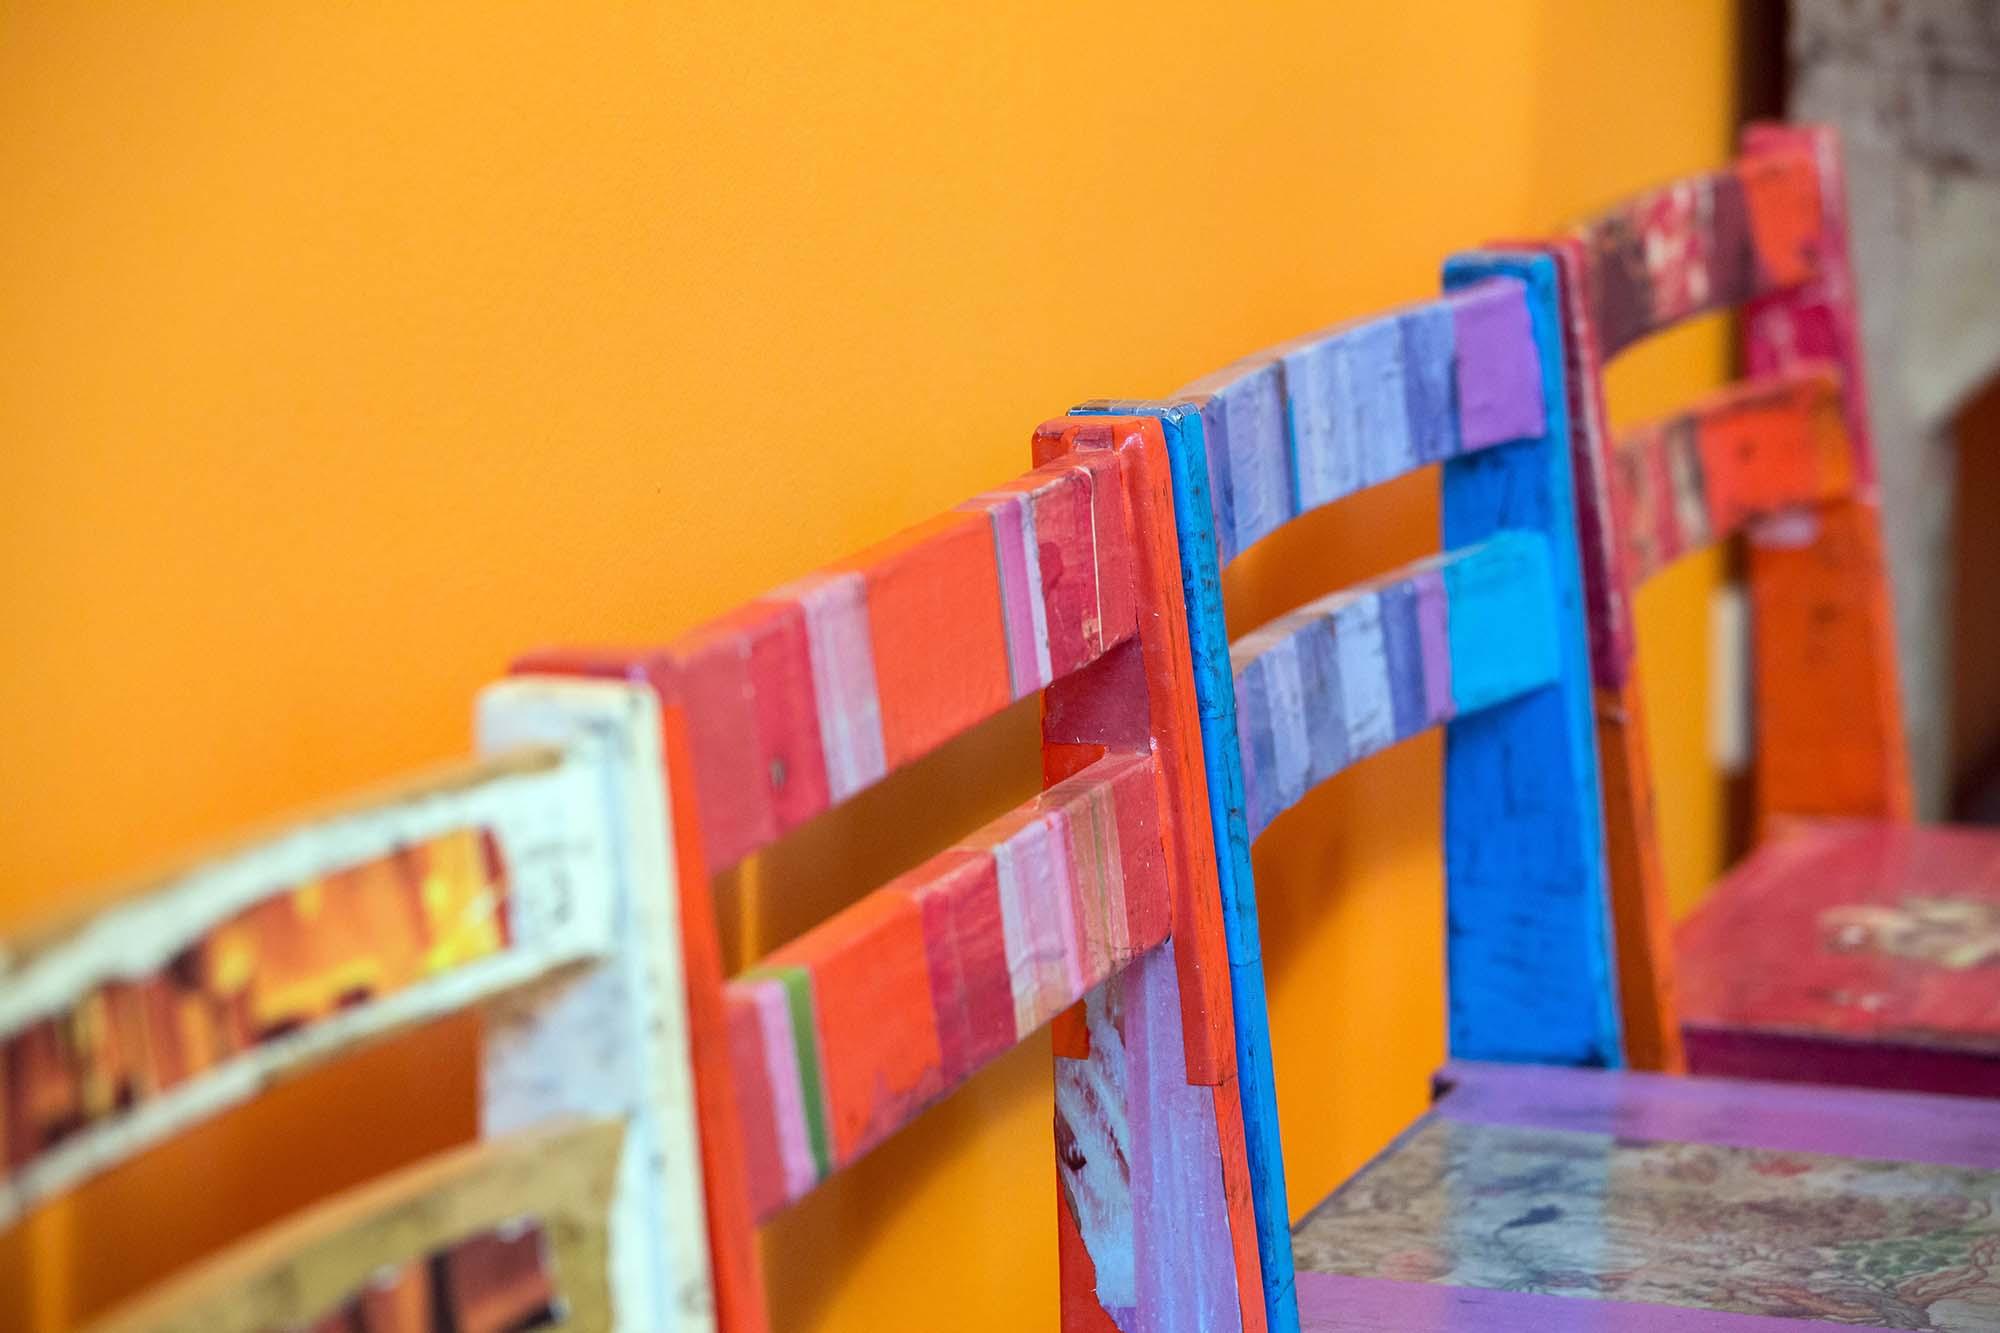 Individuell designte Stühle in bunten Farben.